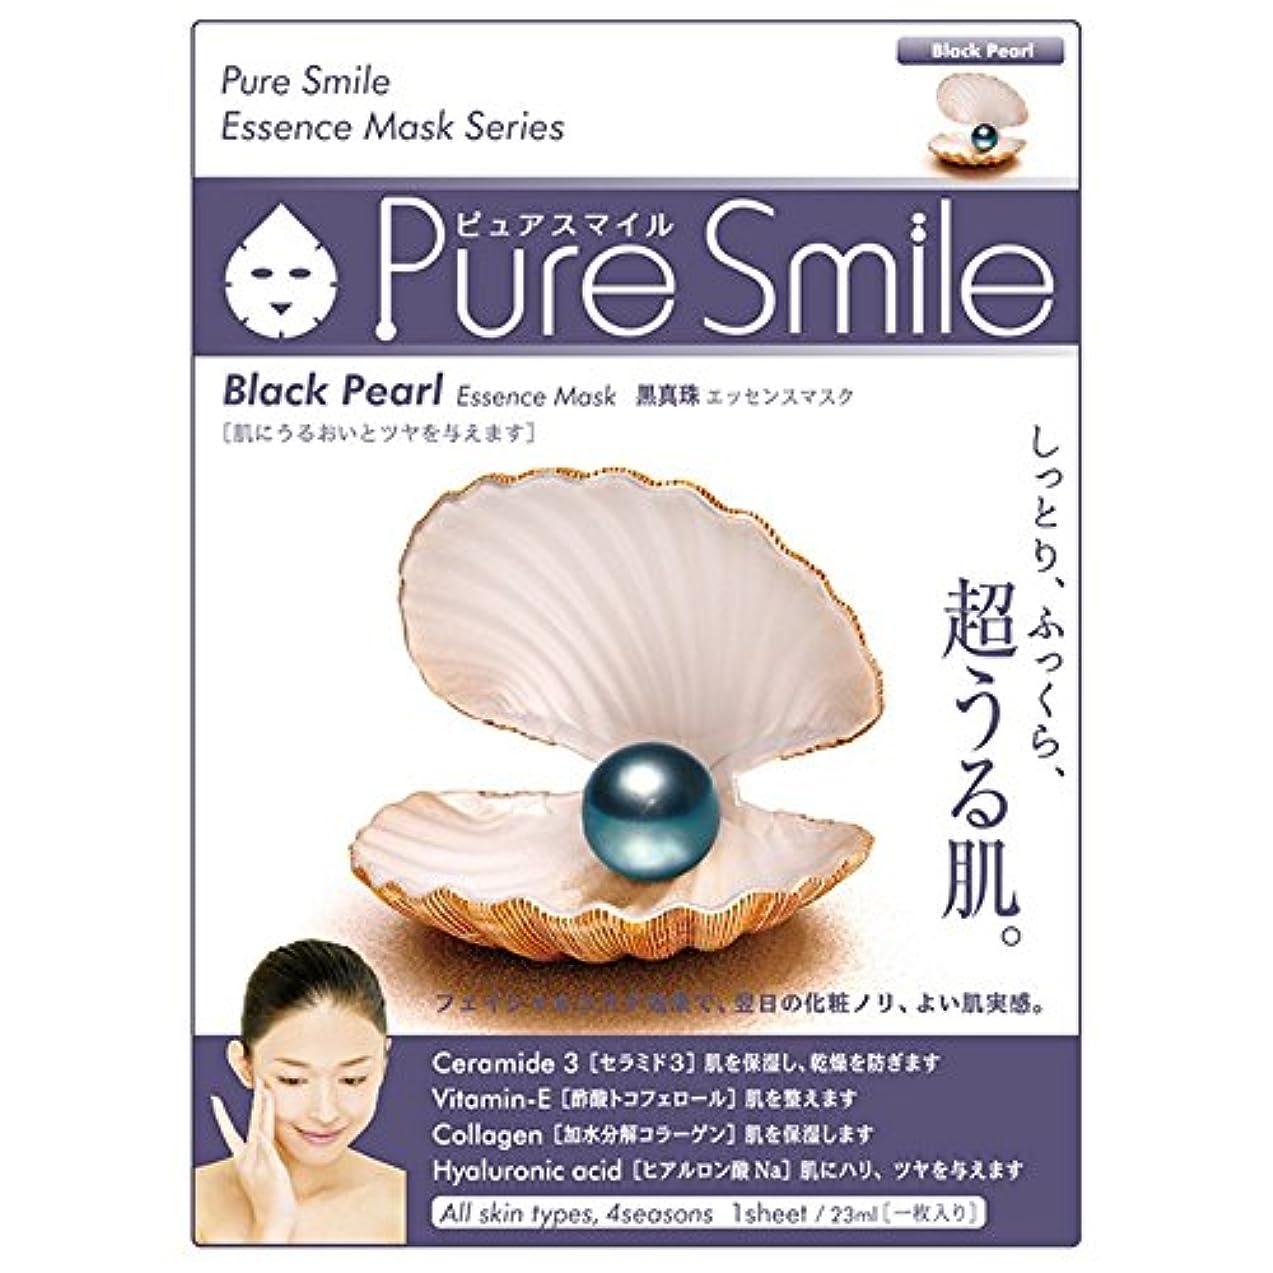 異常なゴミ箱を空にする悲しいことにPure Smile(ピュアスマイル) 乳液エッセンスマスク 1 枚 黒真珠